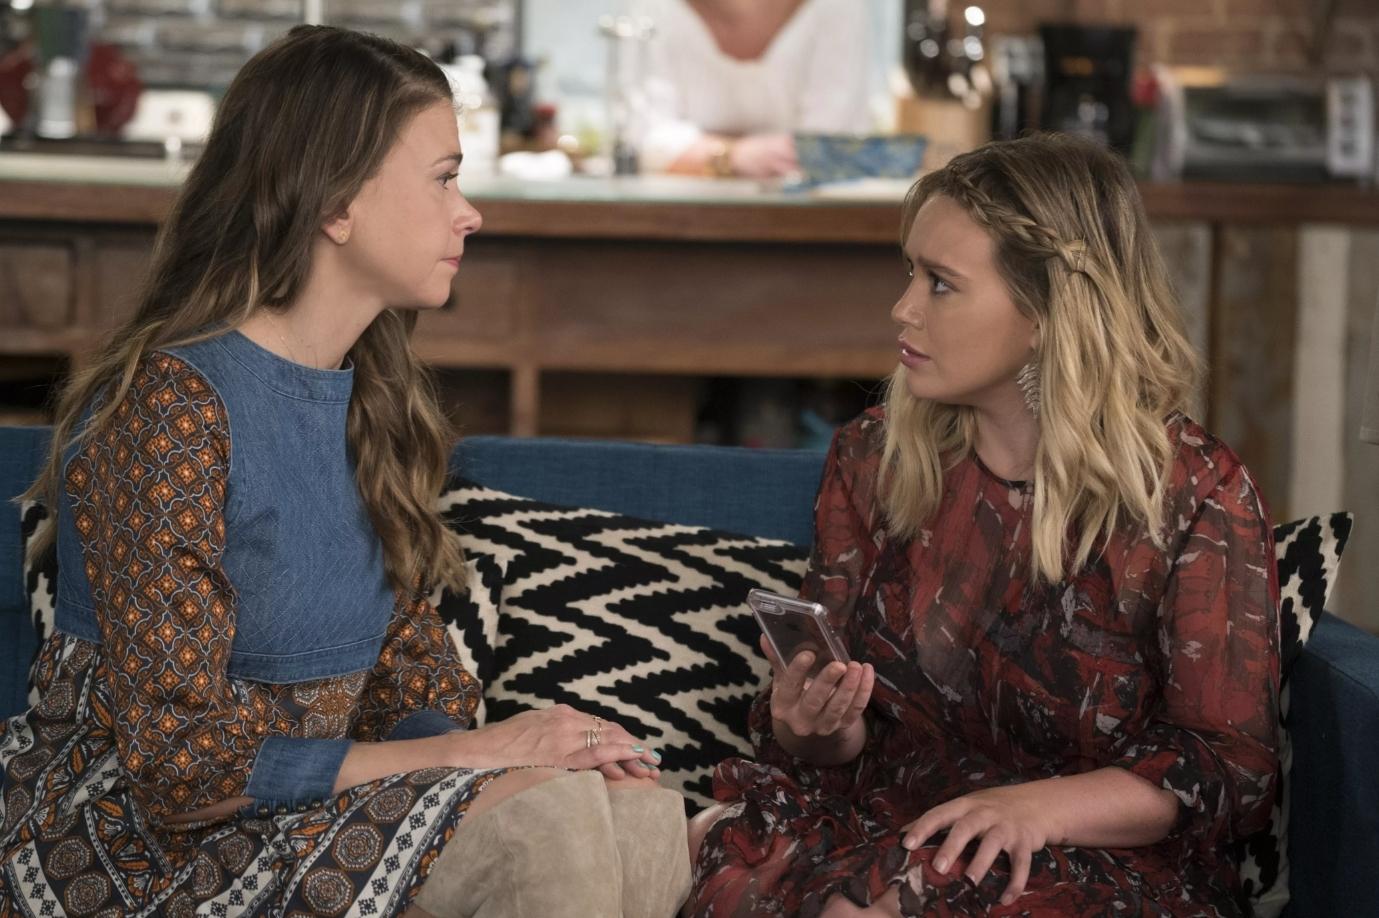 Liza confiesa a Kelsey su secreto en el final de temporada de Younger